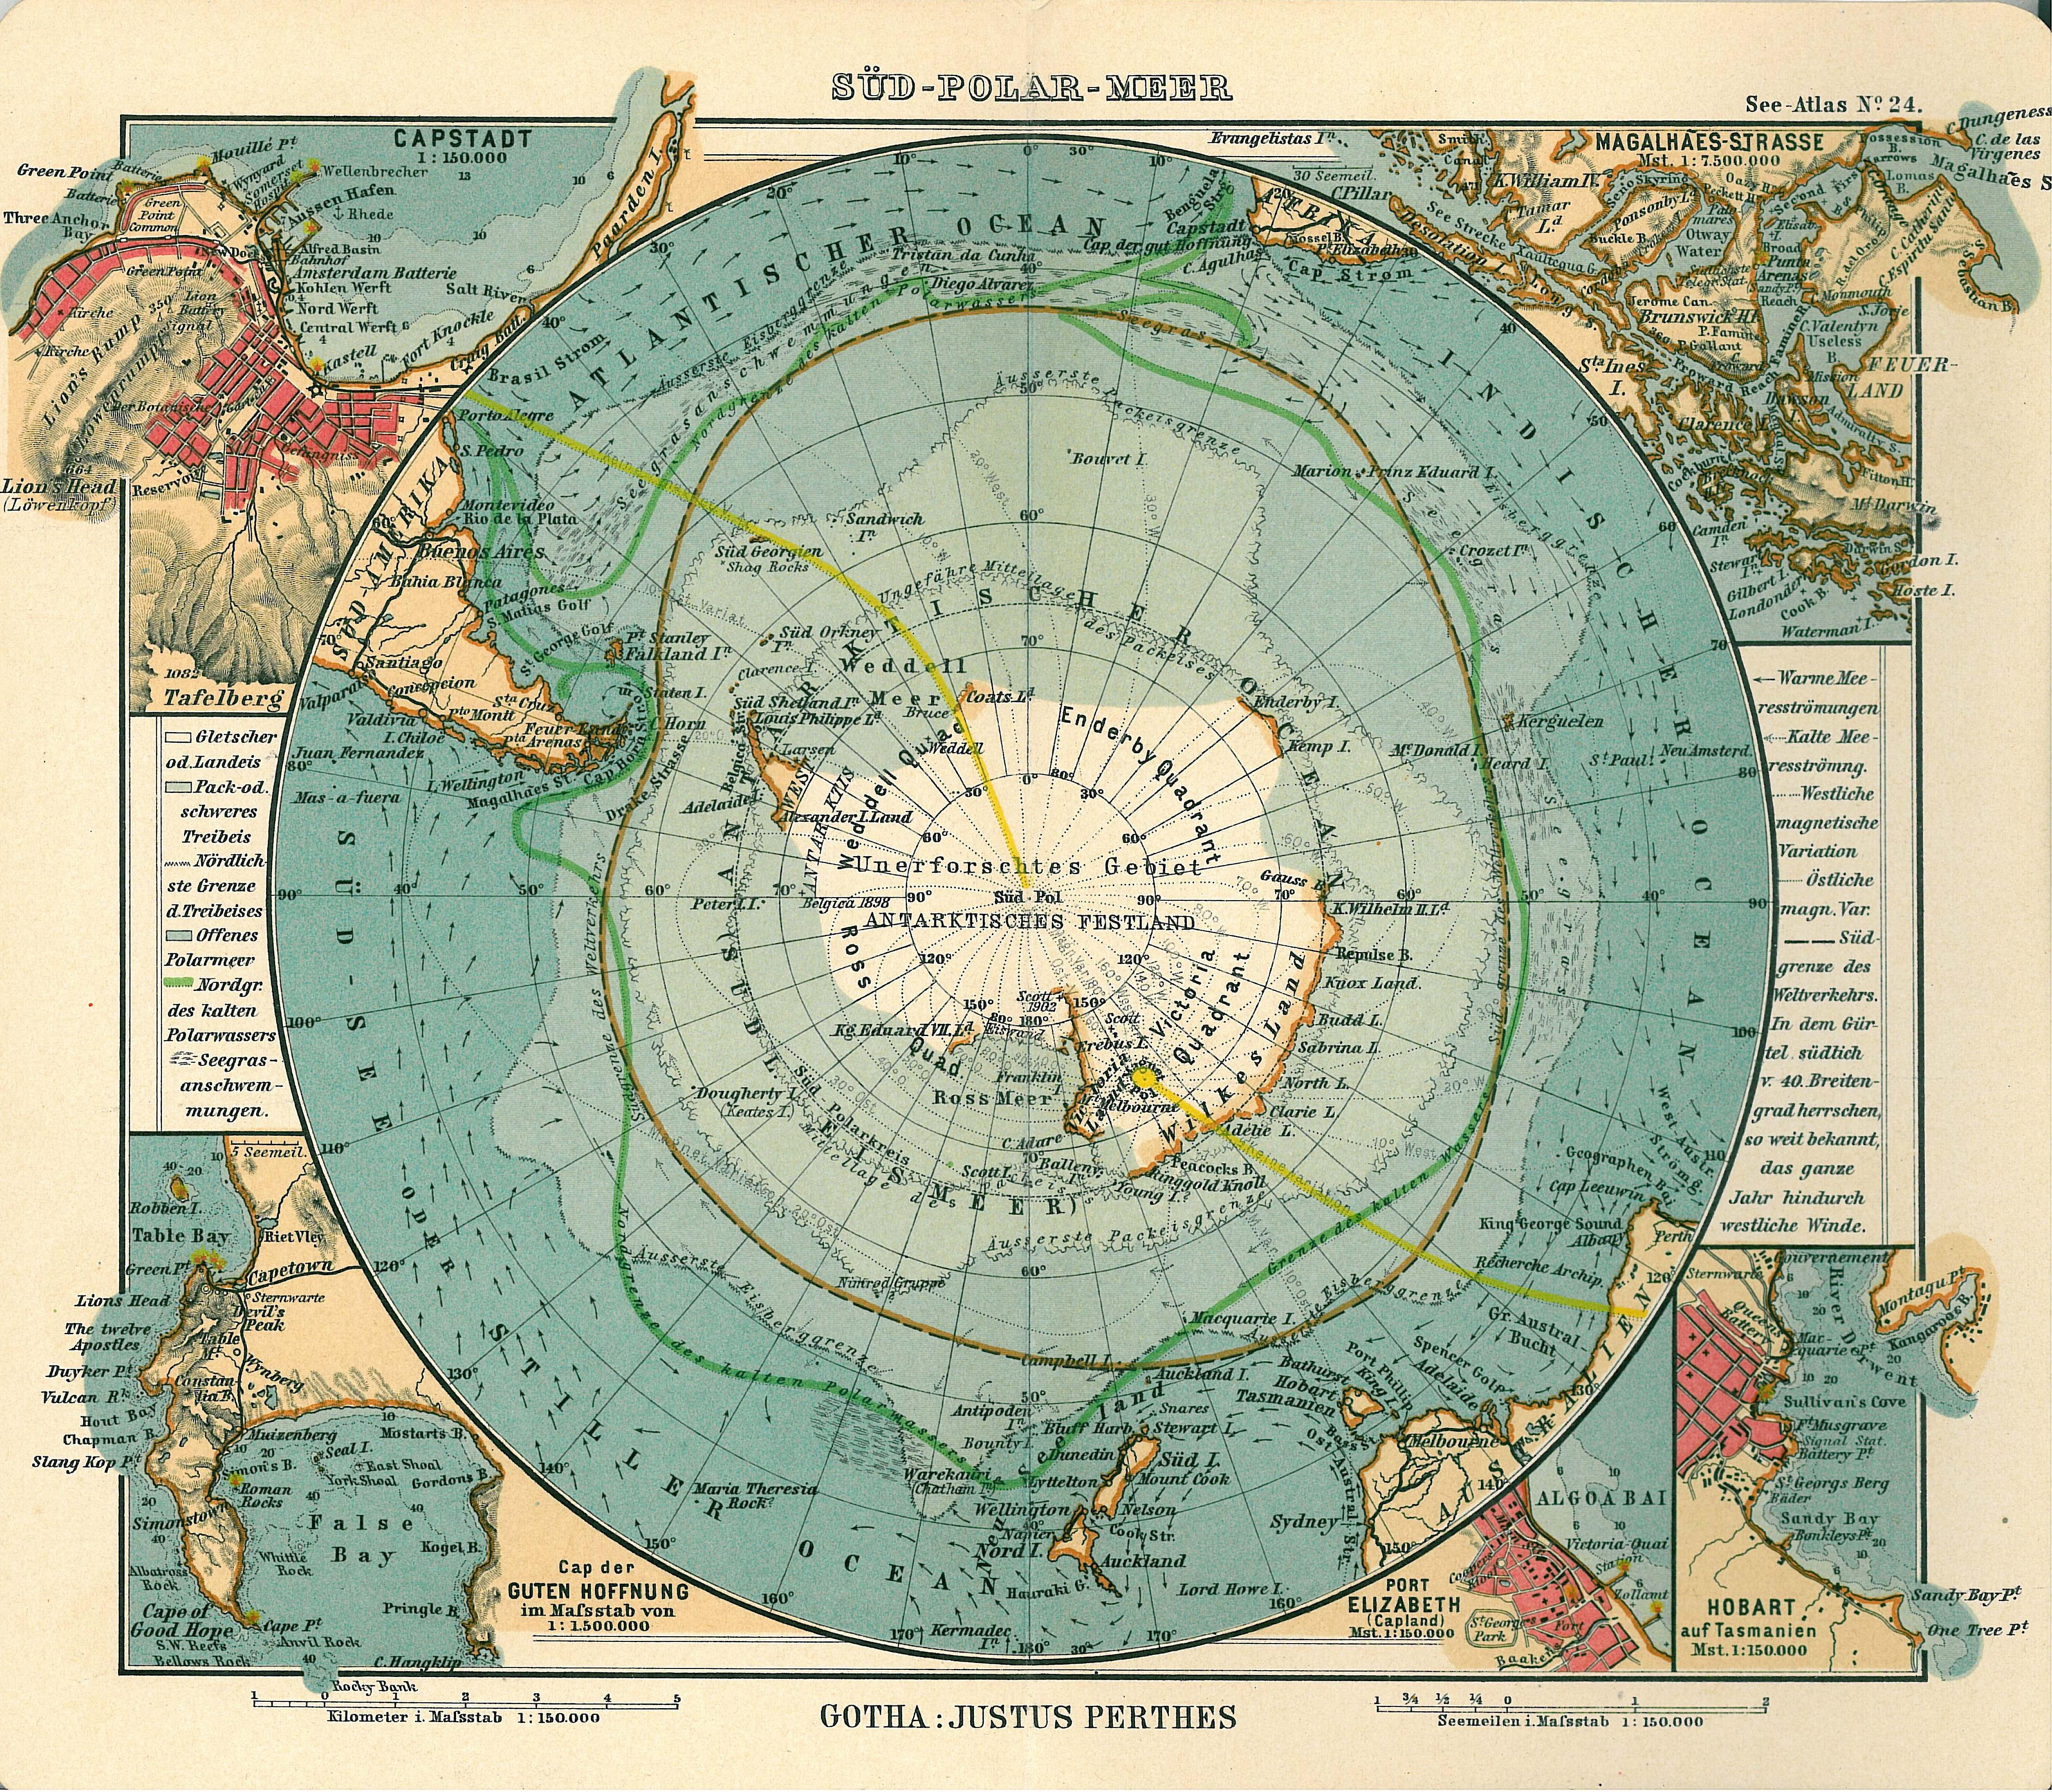 Mapa histórico de la Antártida 1906